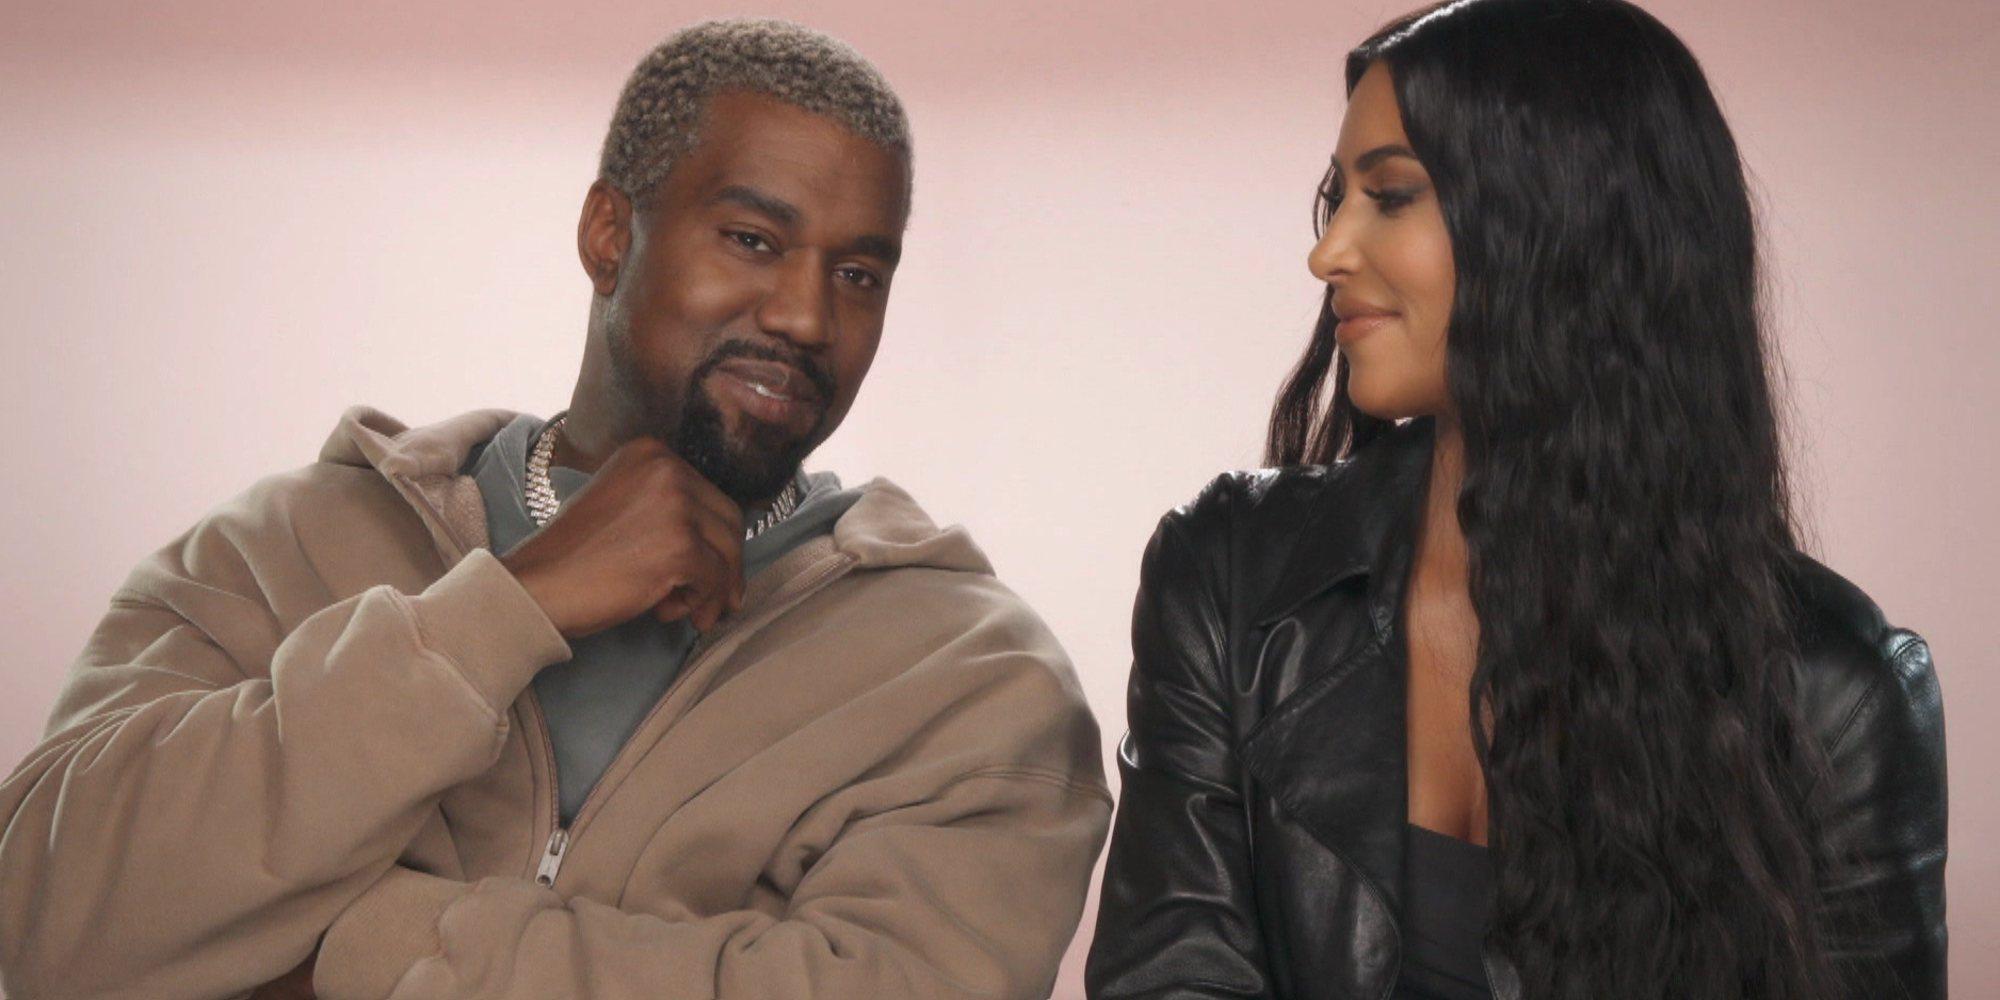 """Kanye West se convierte en un personaje más de 'KUWTK' en la temporada 16: """"Es la primera vez que hago esto"""""""